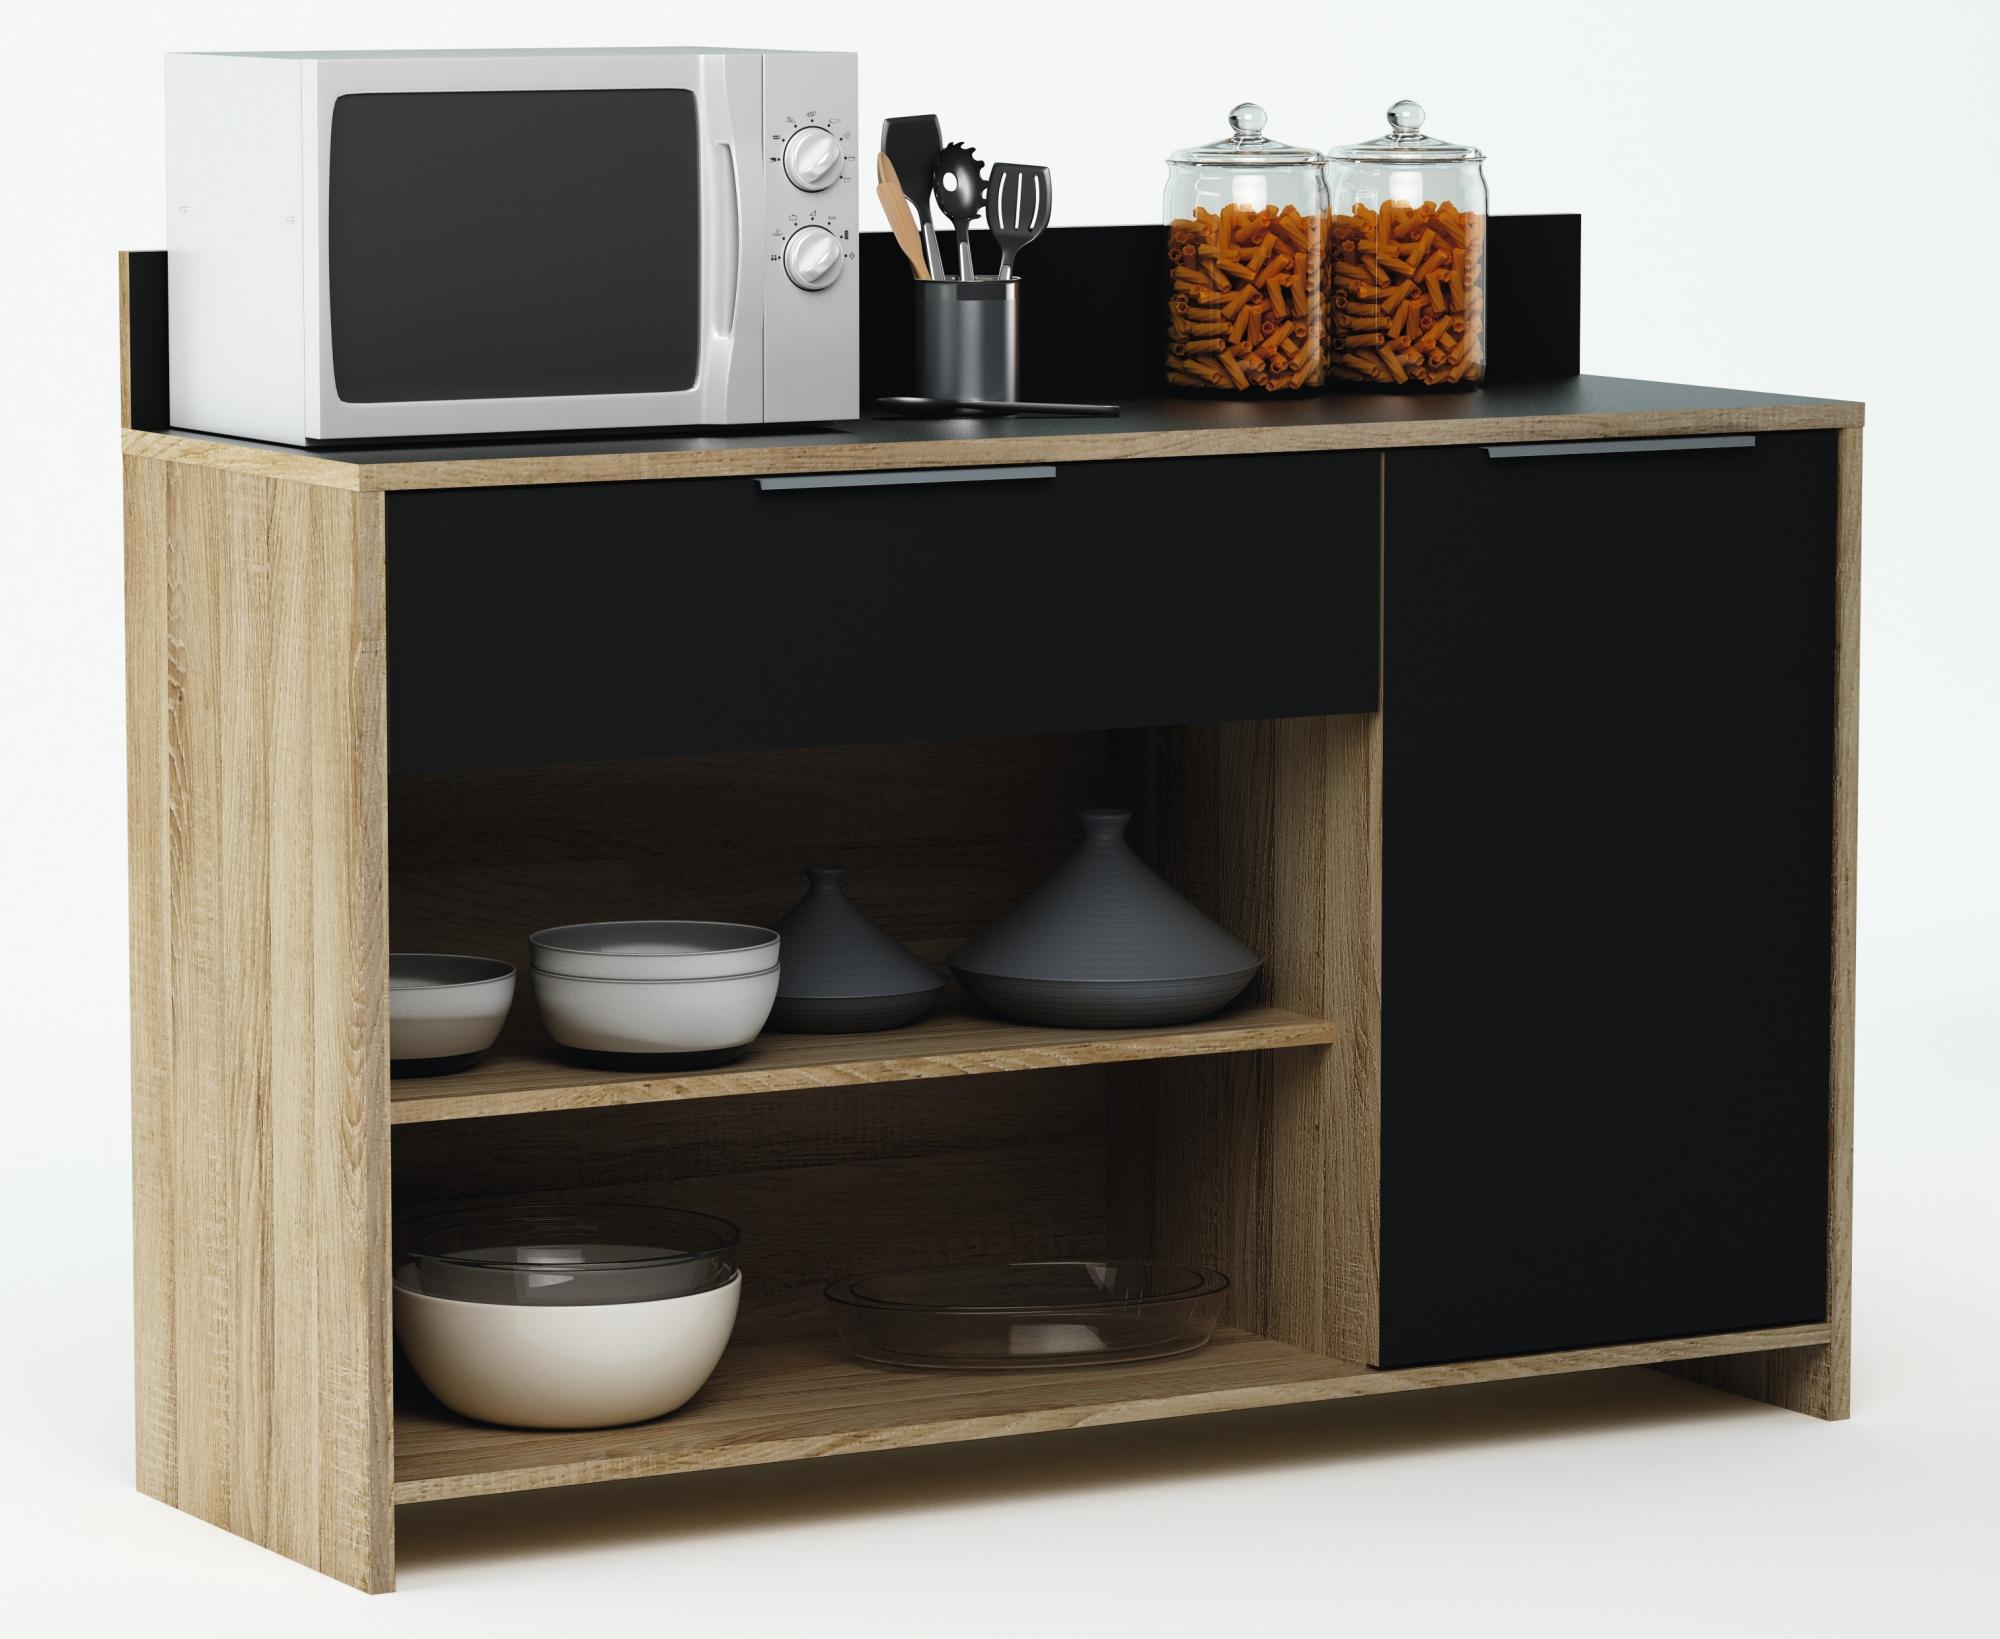 Meuble de rangement de cuisine chêne brut/noir Miky